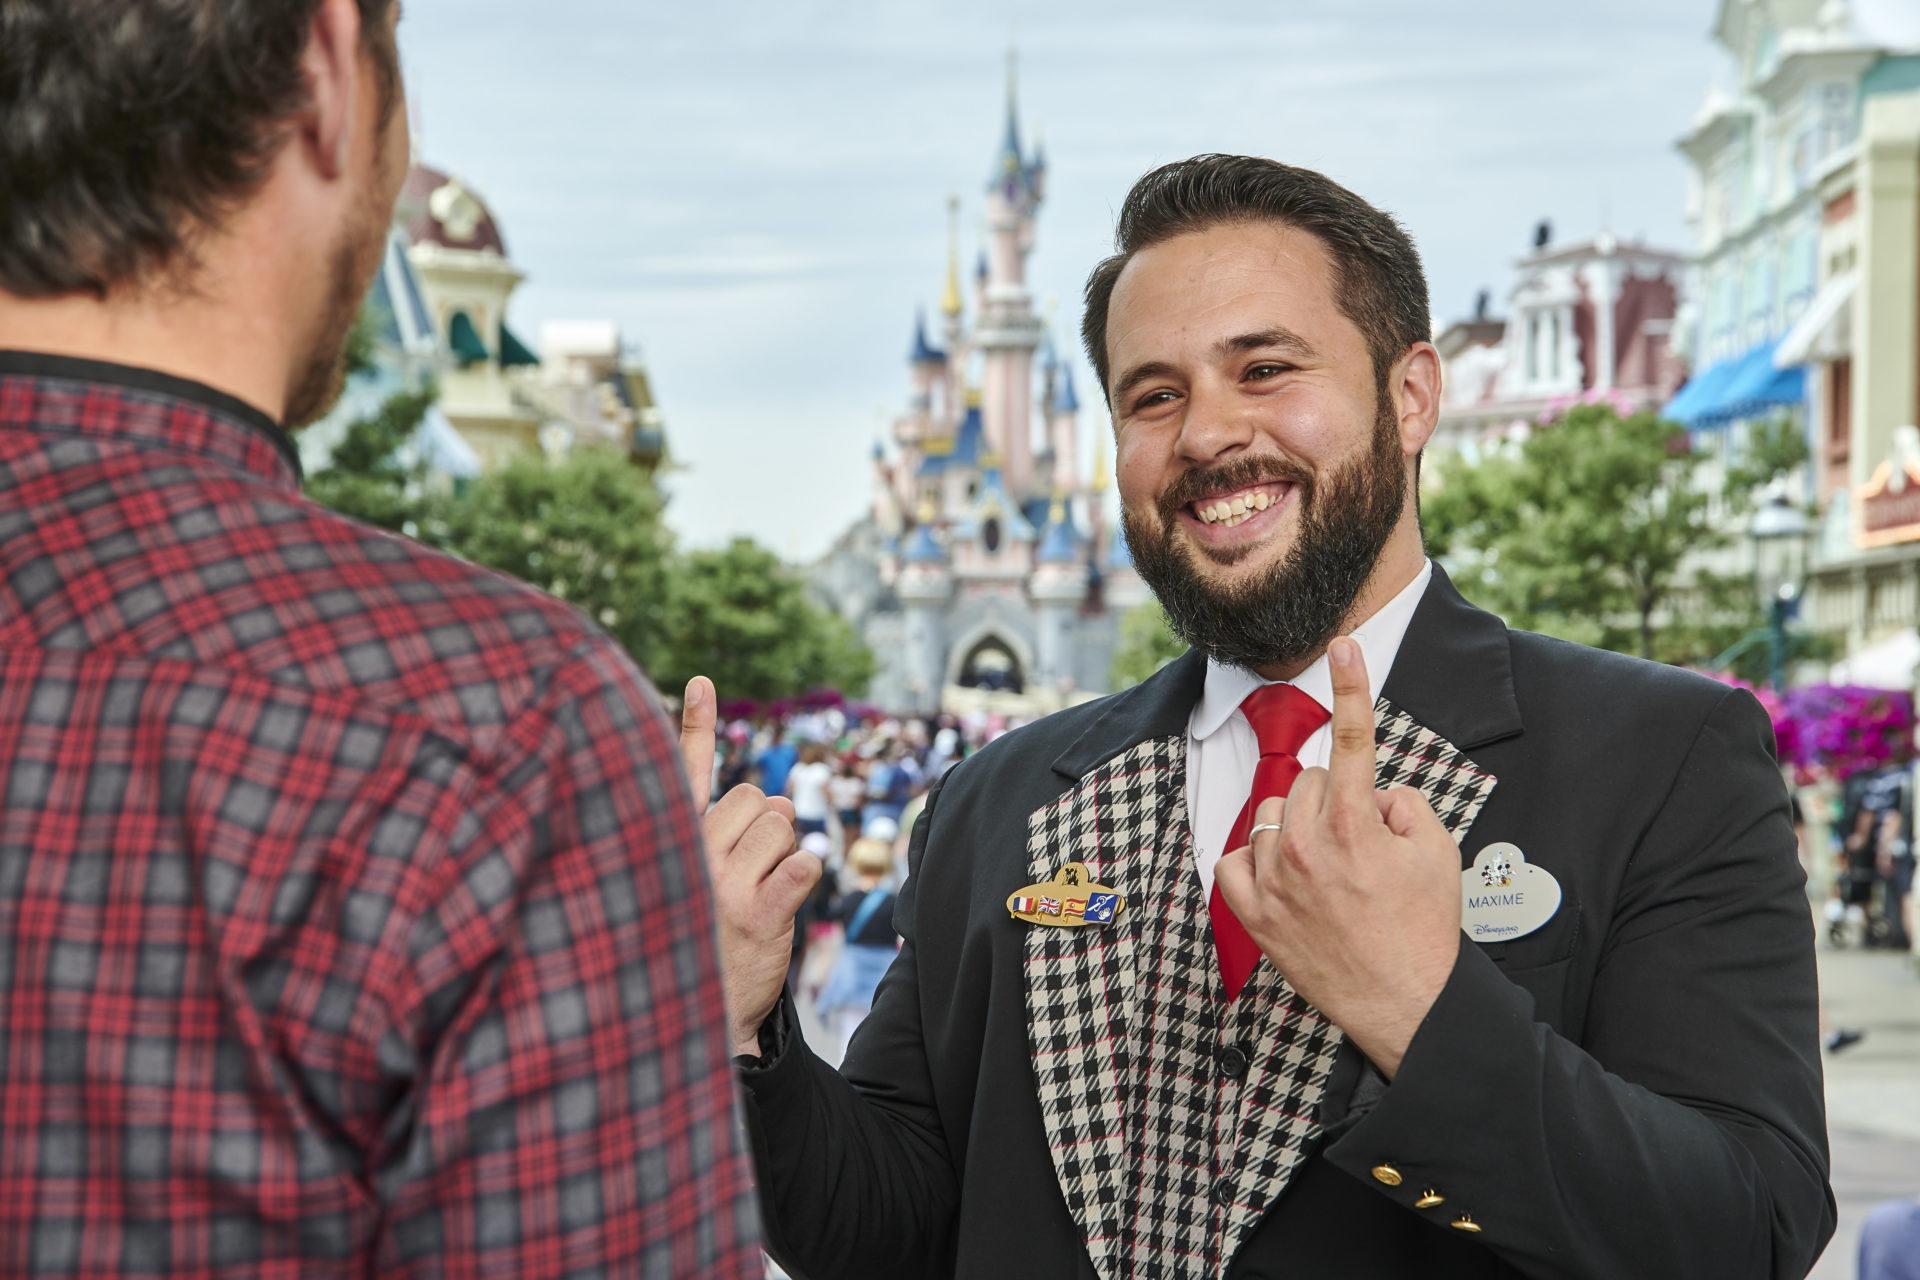 Un Cast Member utilisant le langage des signes